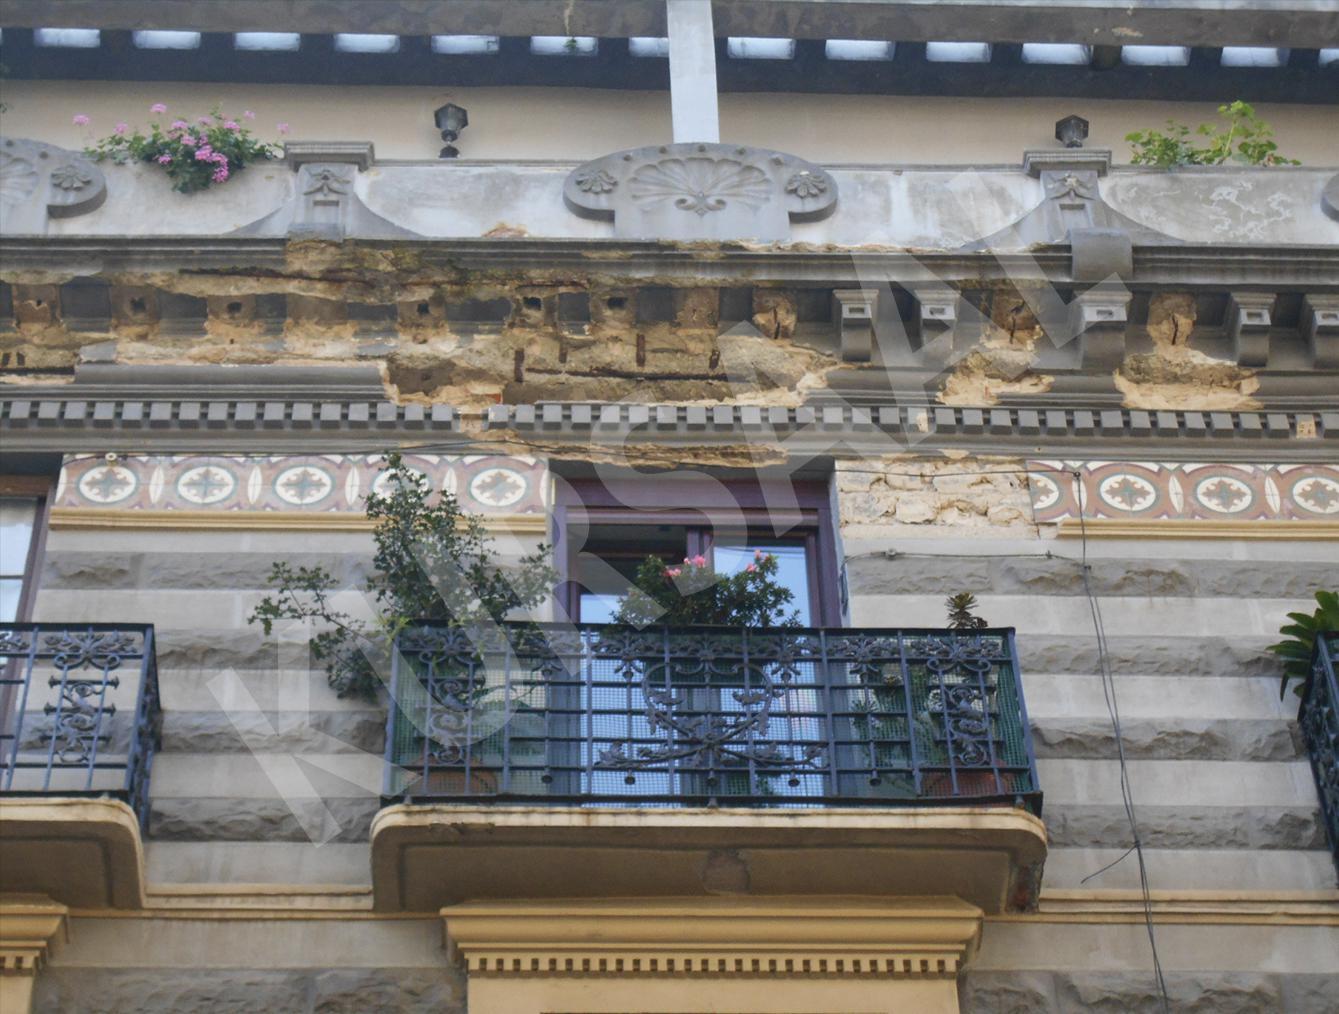 foto 13 - Restauración y patrimonio-San Bartolomé 27-DONOSTIA, GIPUZKOA